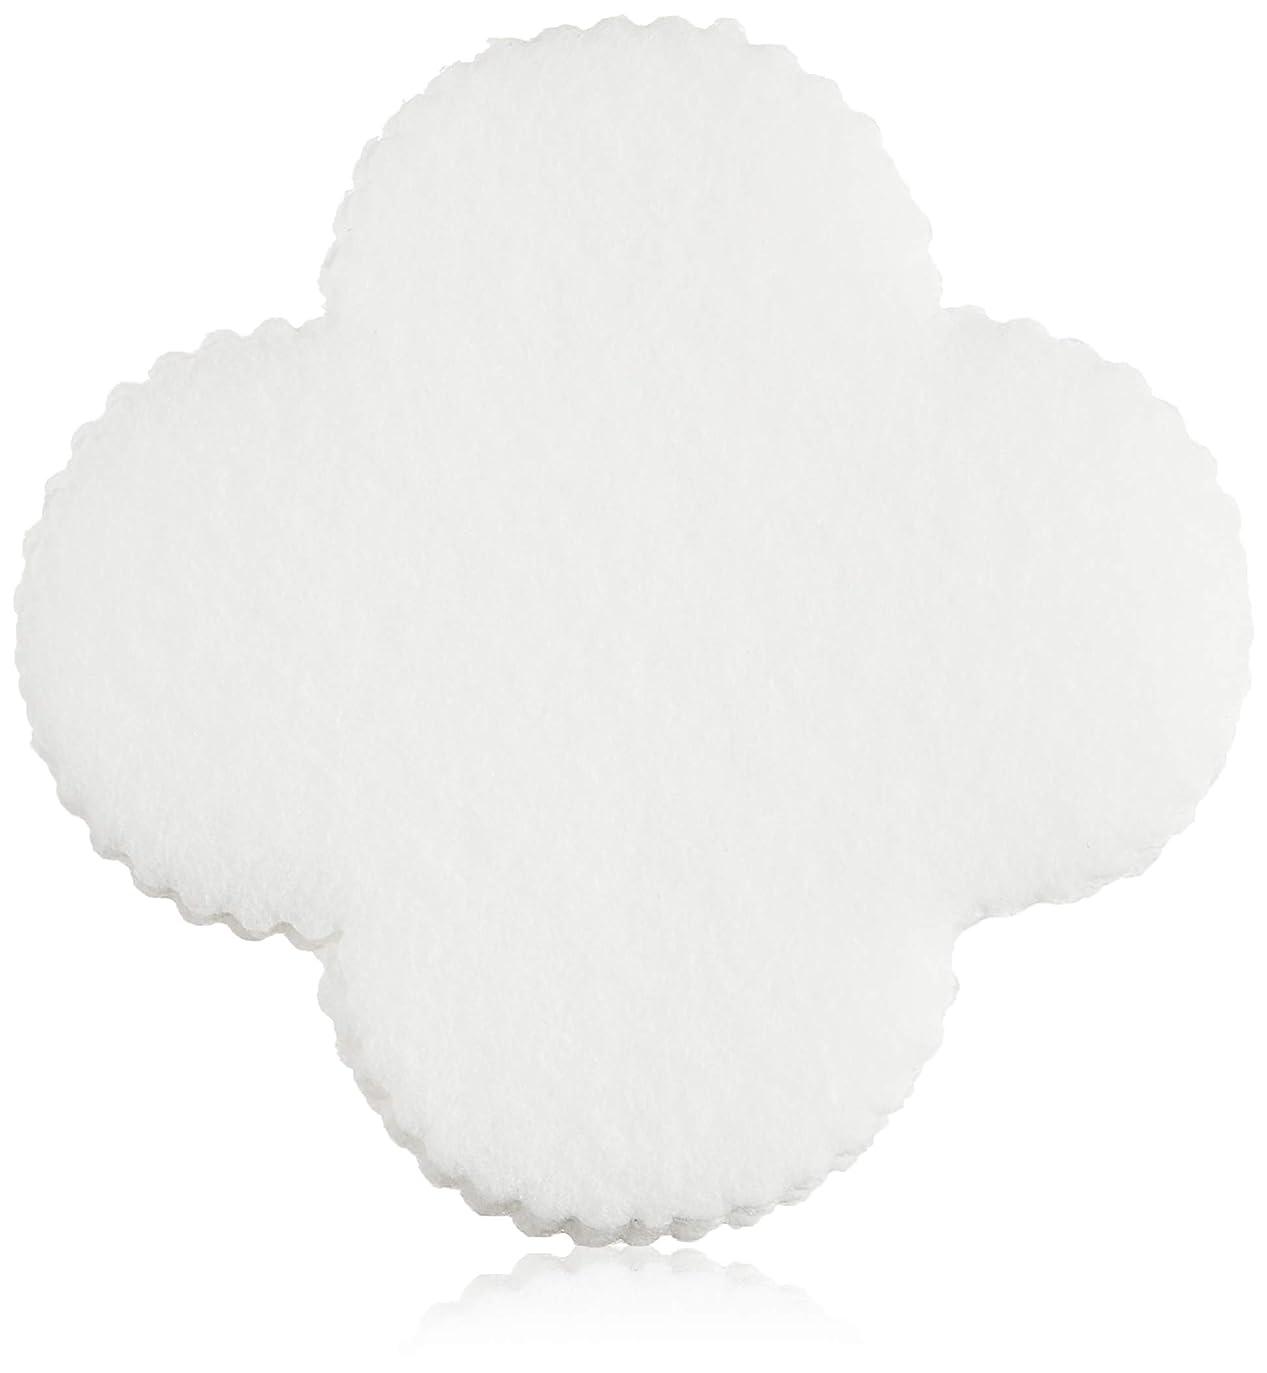 強化形成キャンディーKOBAKO(コバコ) マルチリムーバークロス